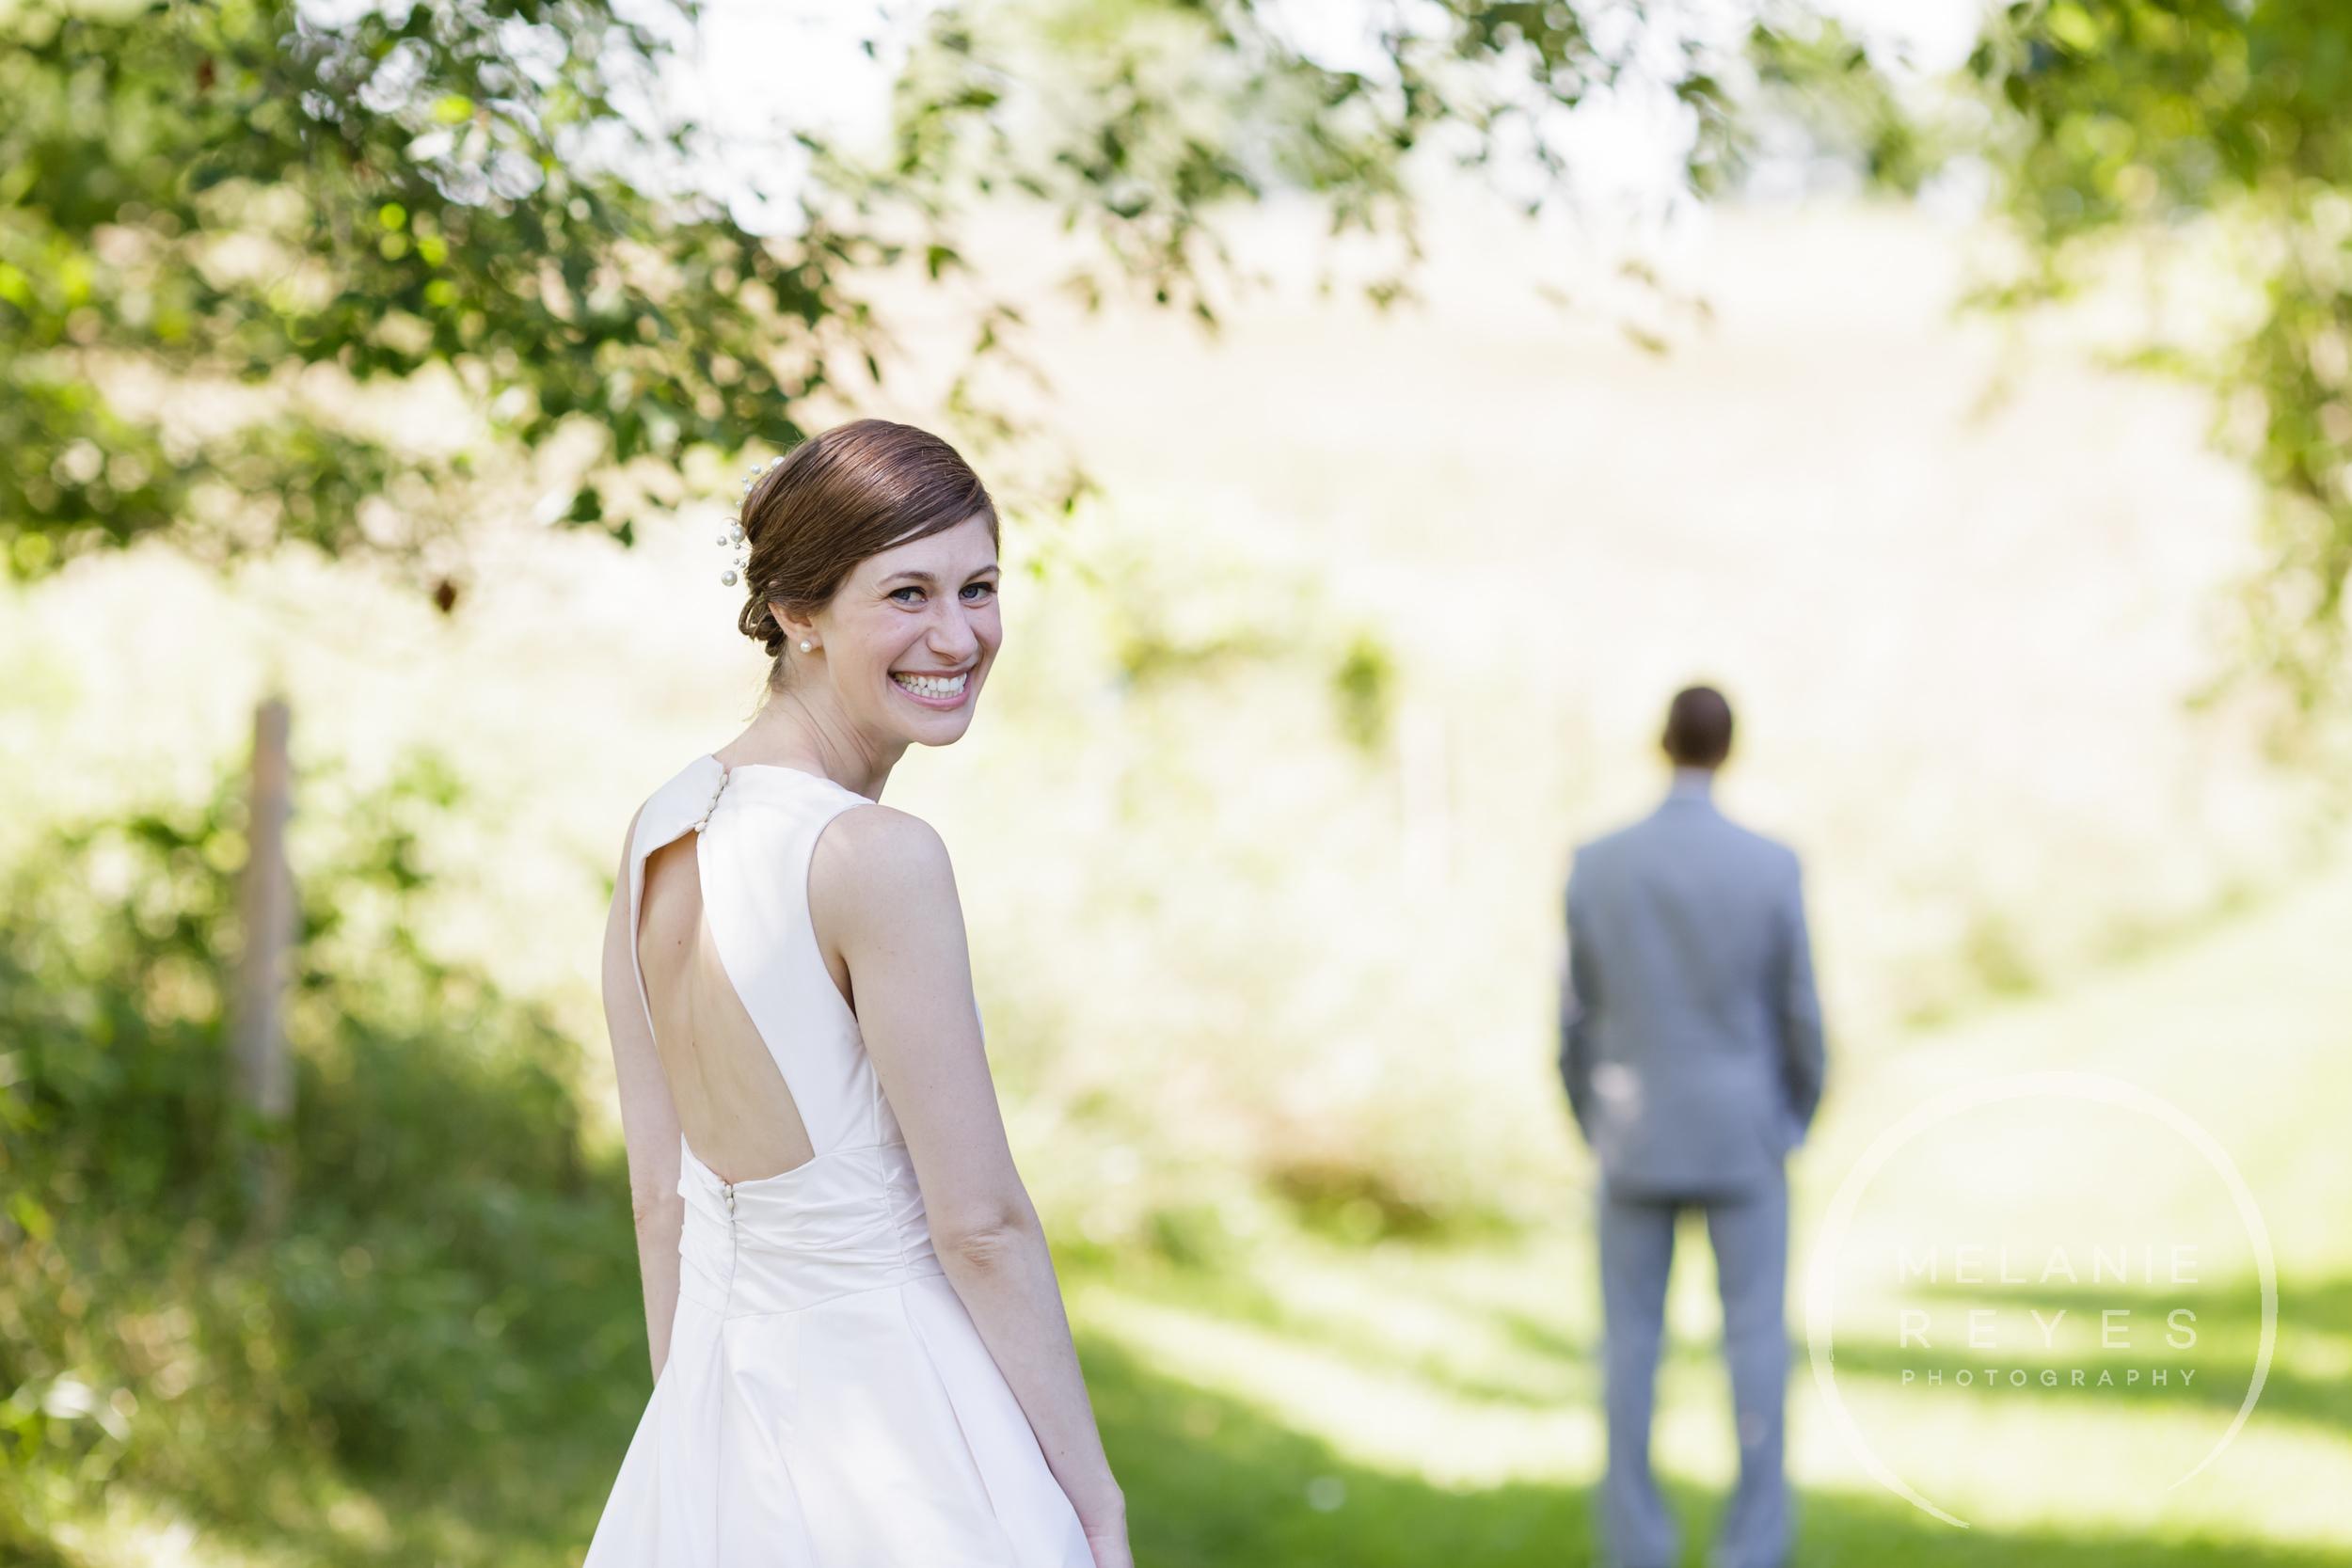 011_farm_wedding_melanie_reyes.JPG